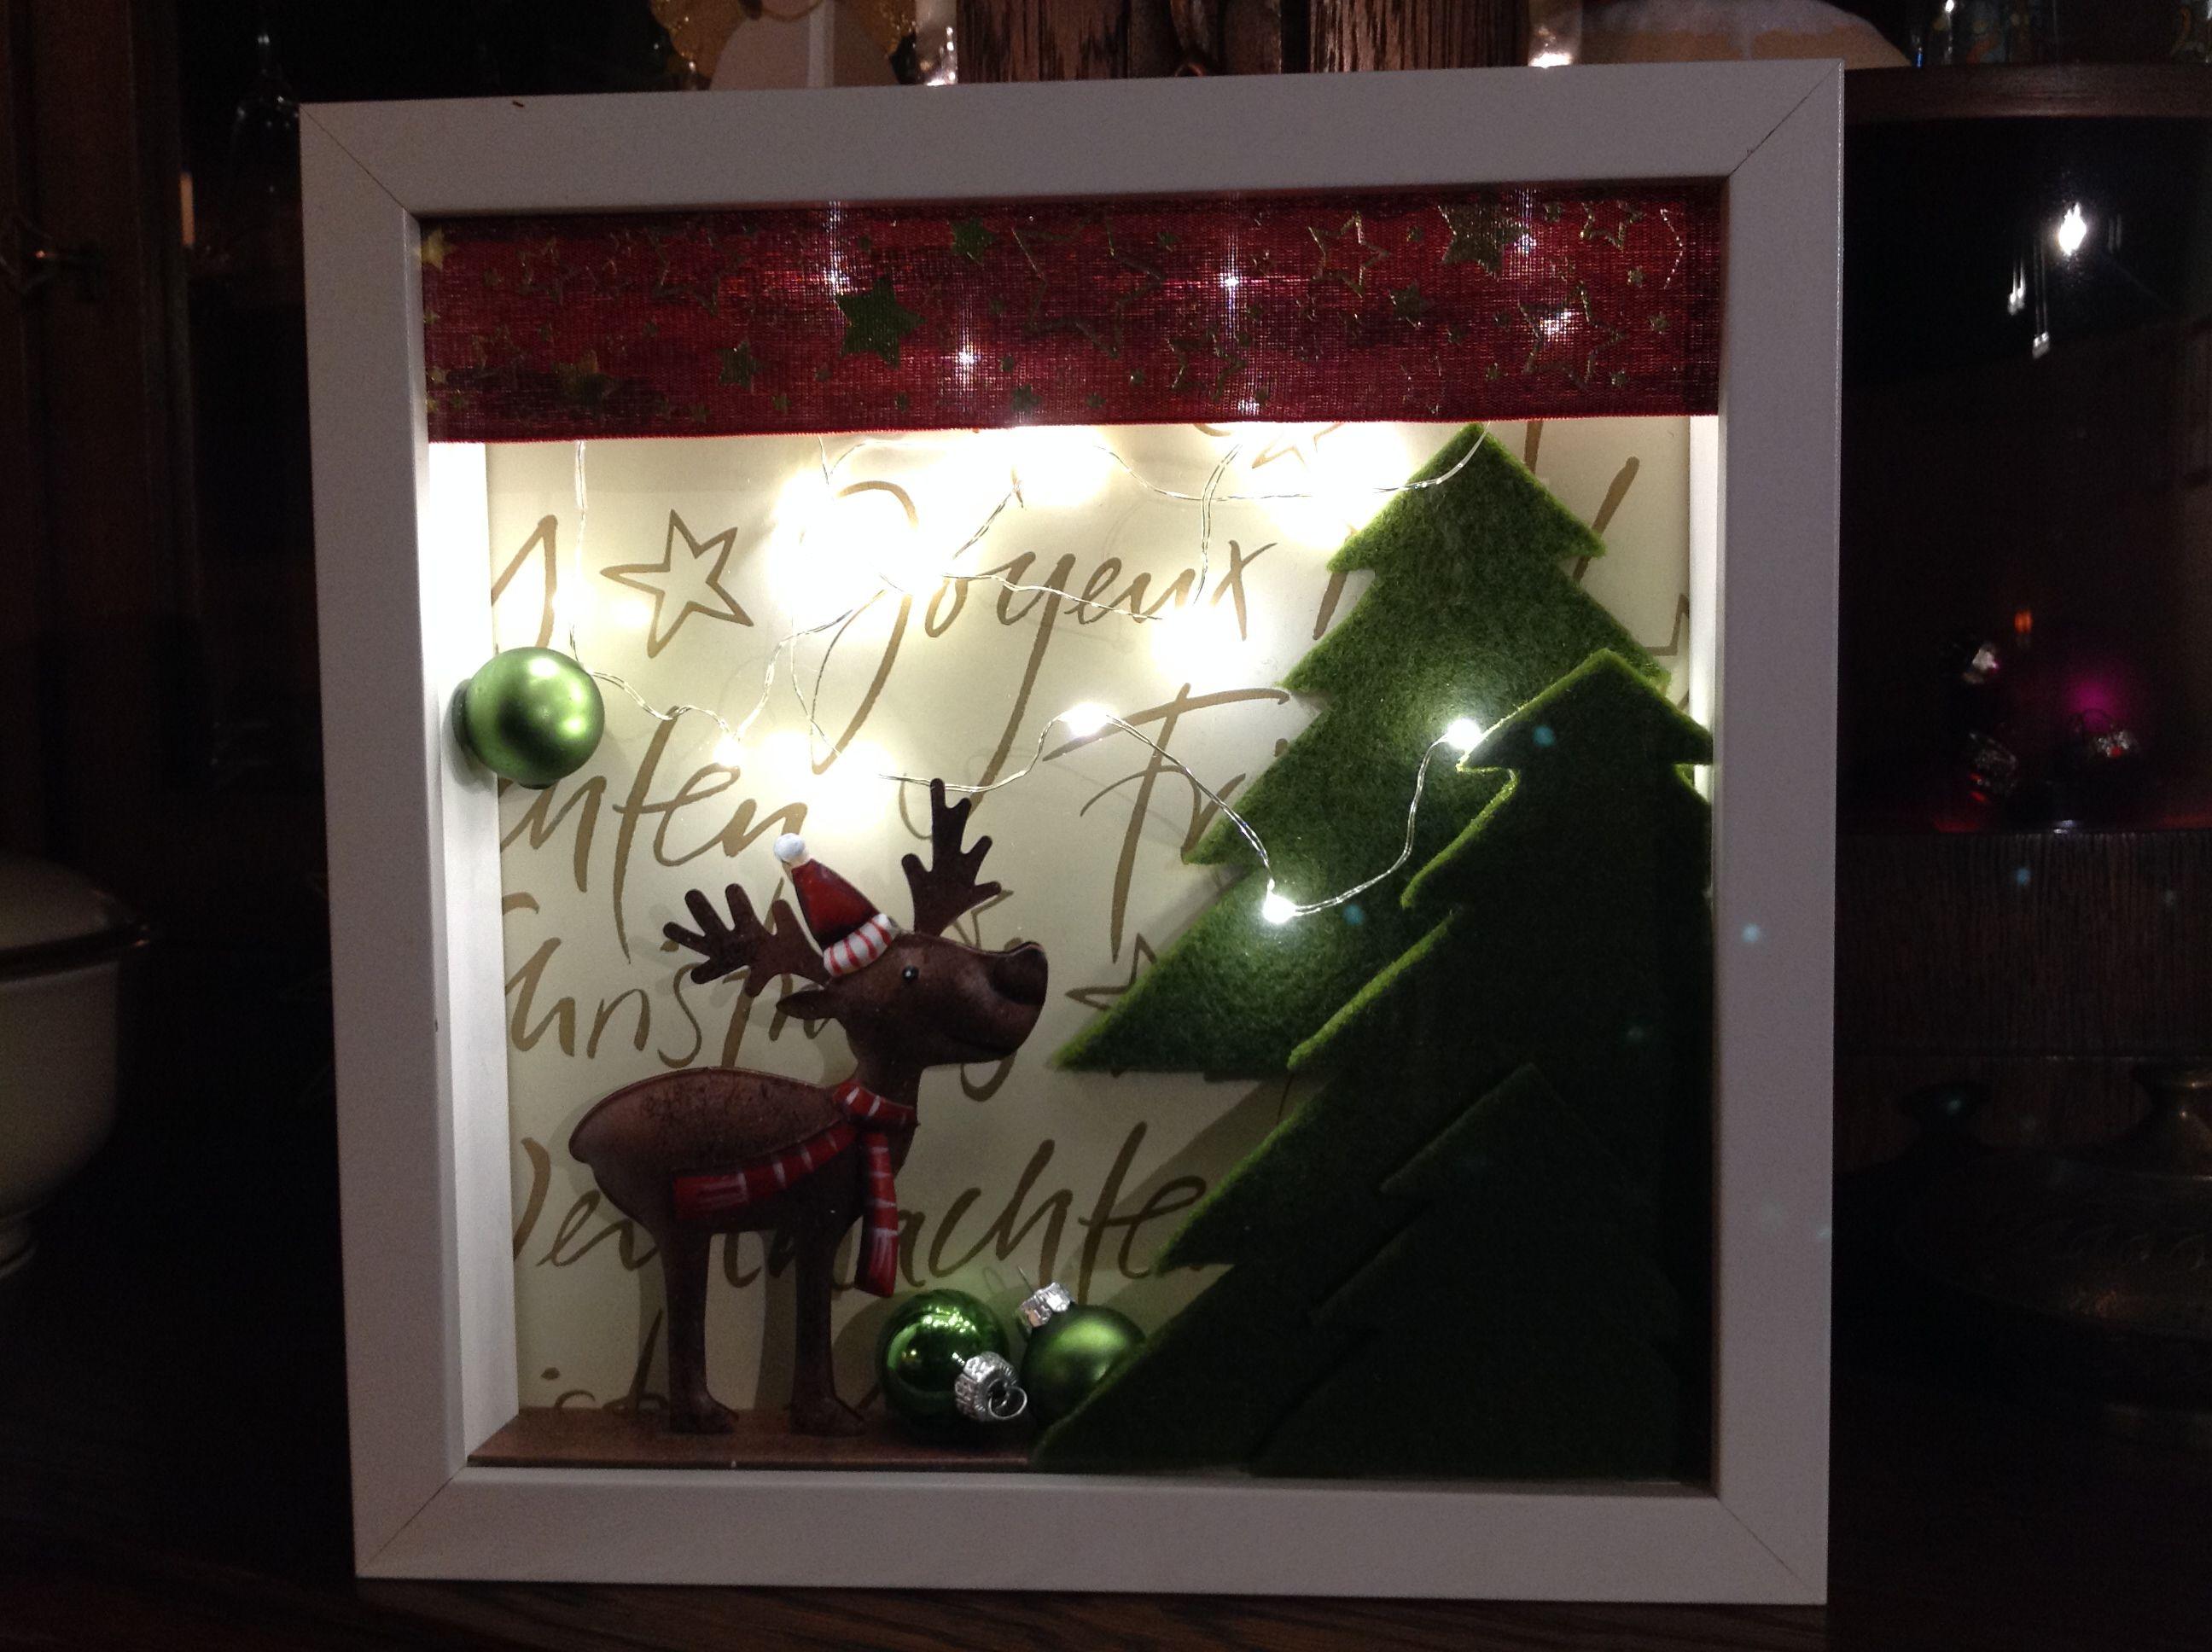 57002f1b10651a7bc289043d032ce9a7 Schöne Fensterbank Weihnachtlich Dekorieren Dekorationen